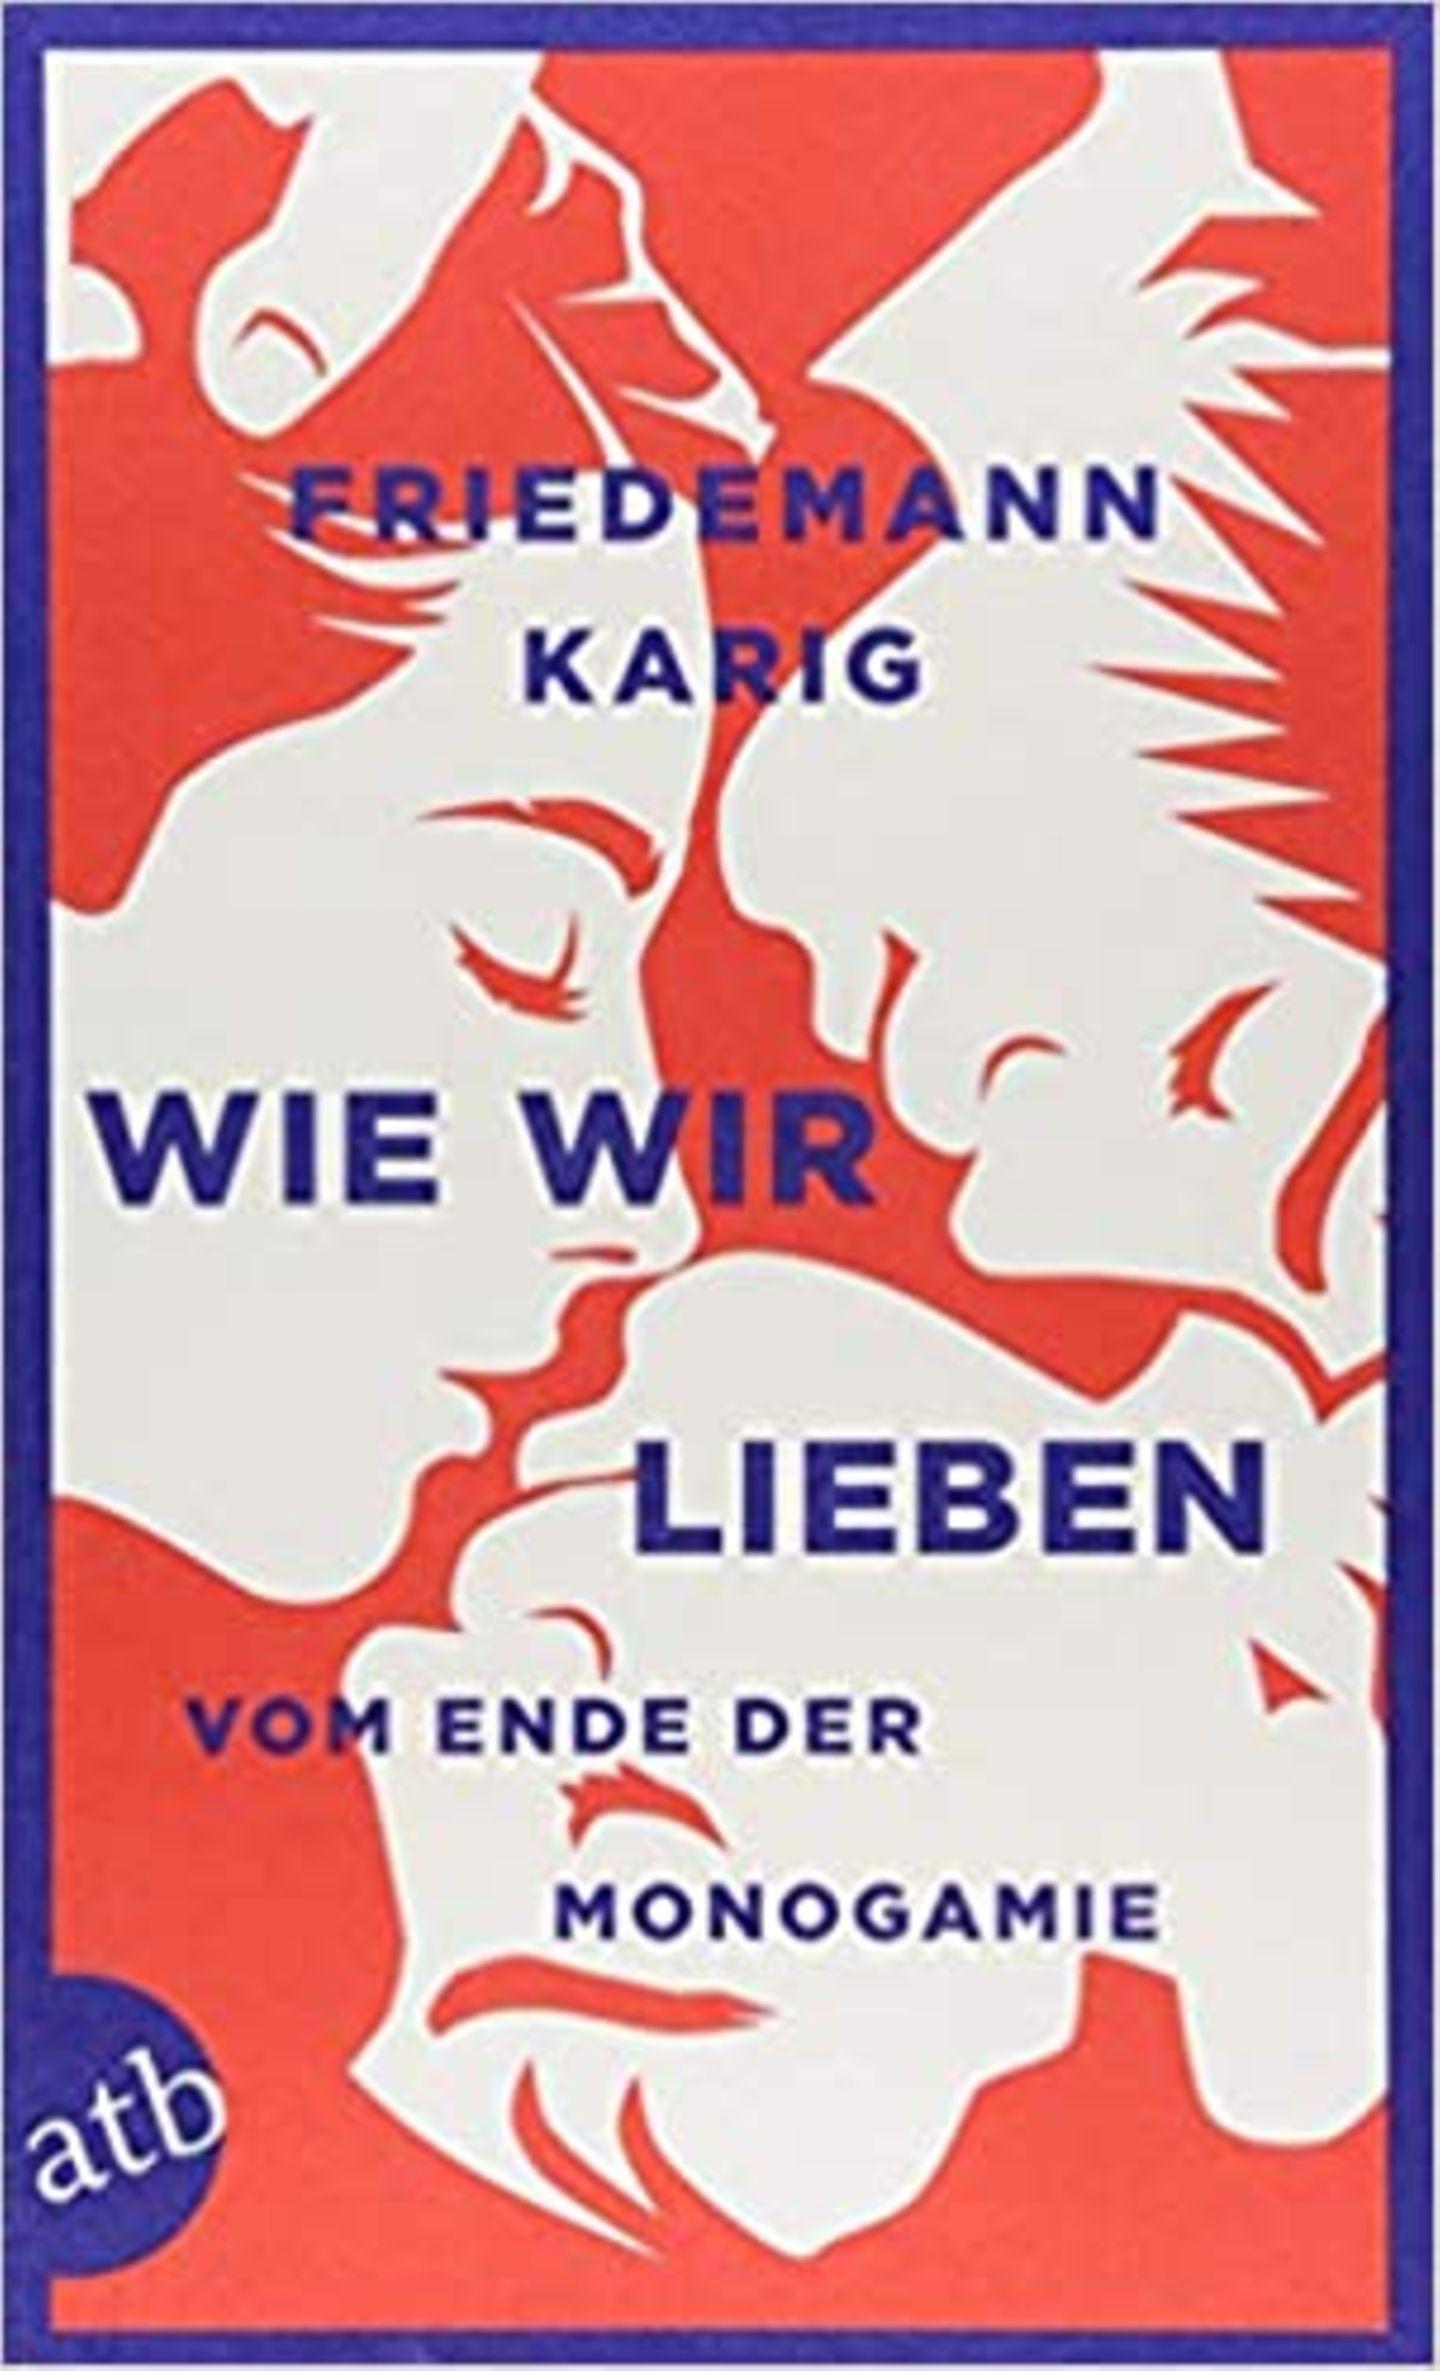 Buchempfehlung: Wie wir lieben